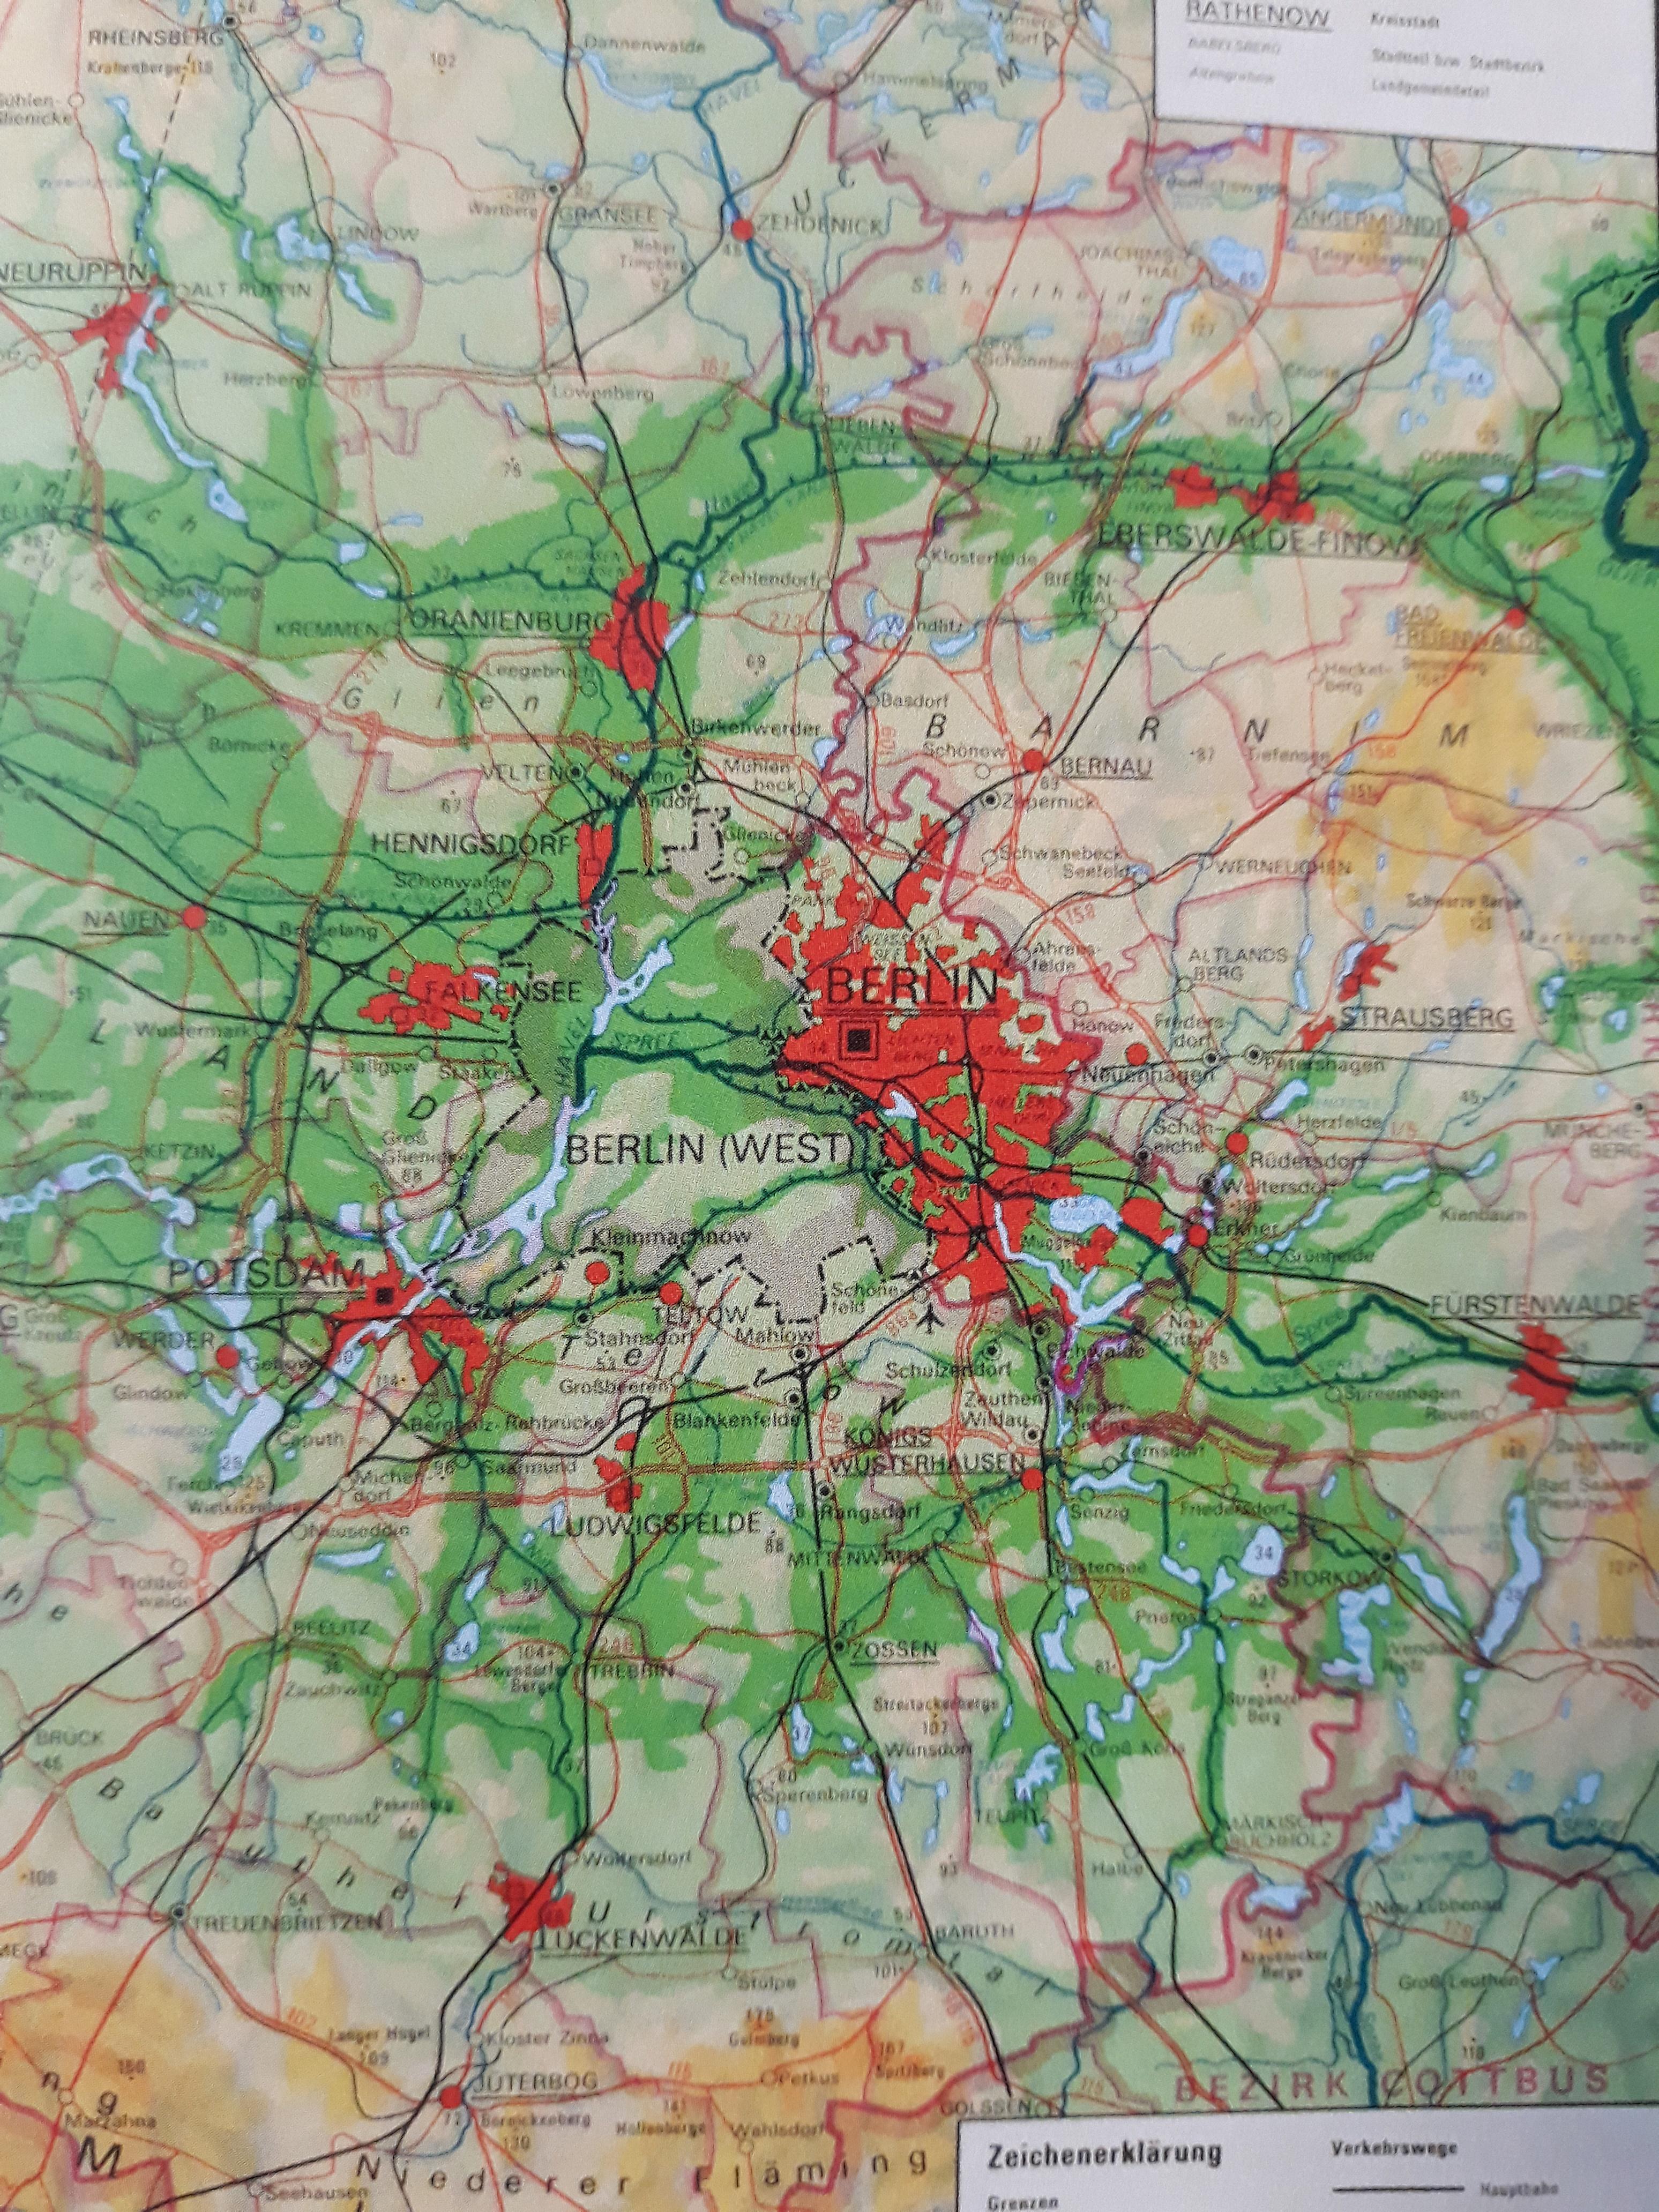 West Berlin Karte.West Berlin Leerstelle Auf Ddr Karten Ampelmaennchen Und